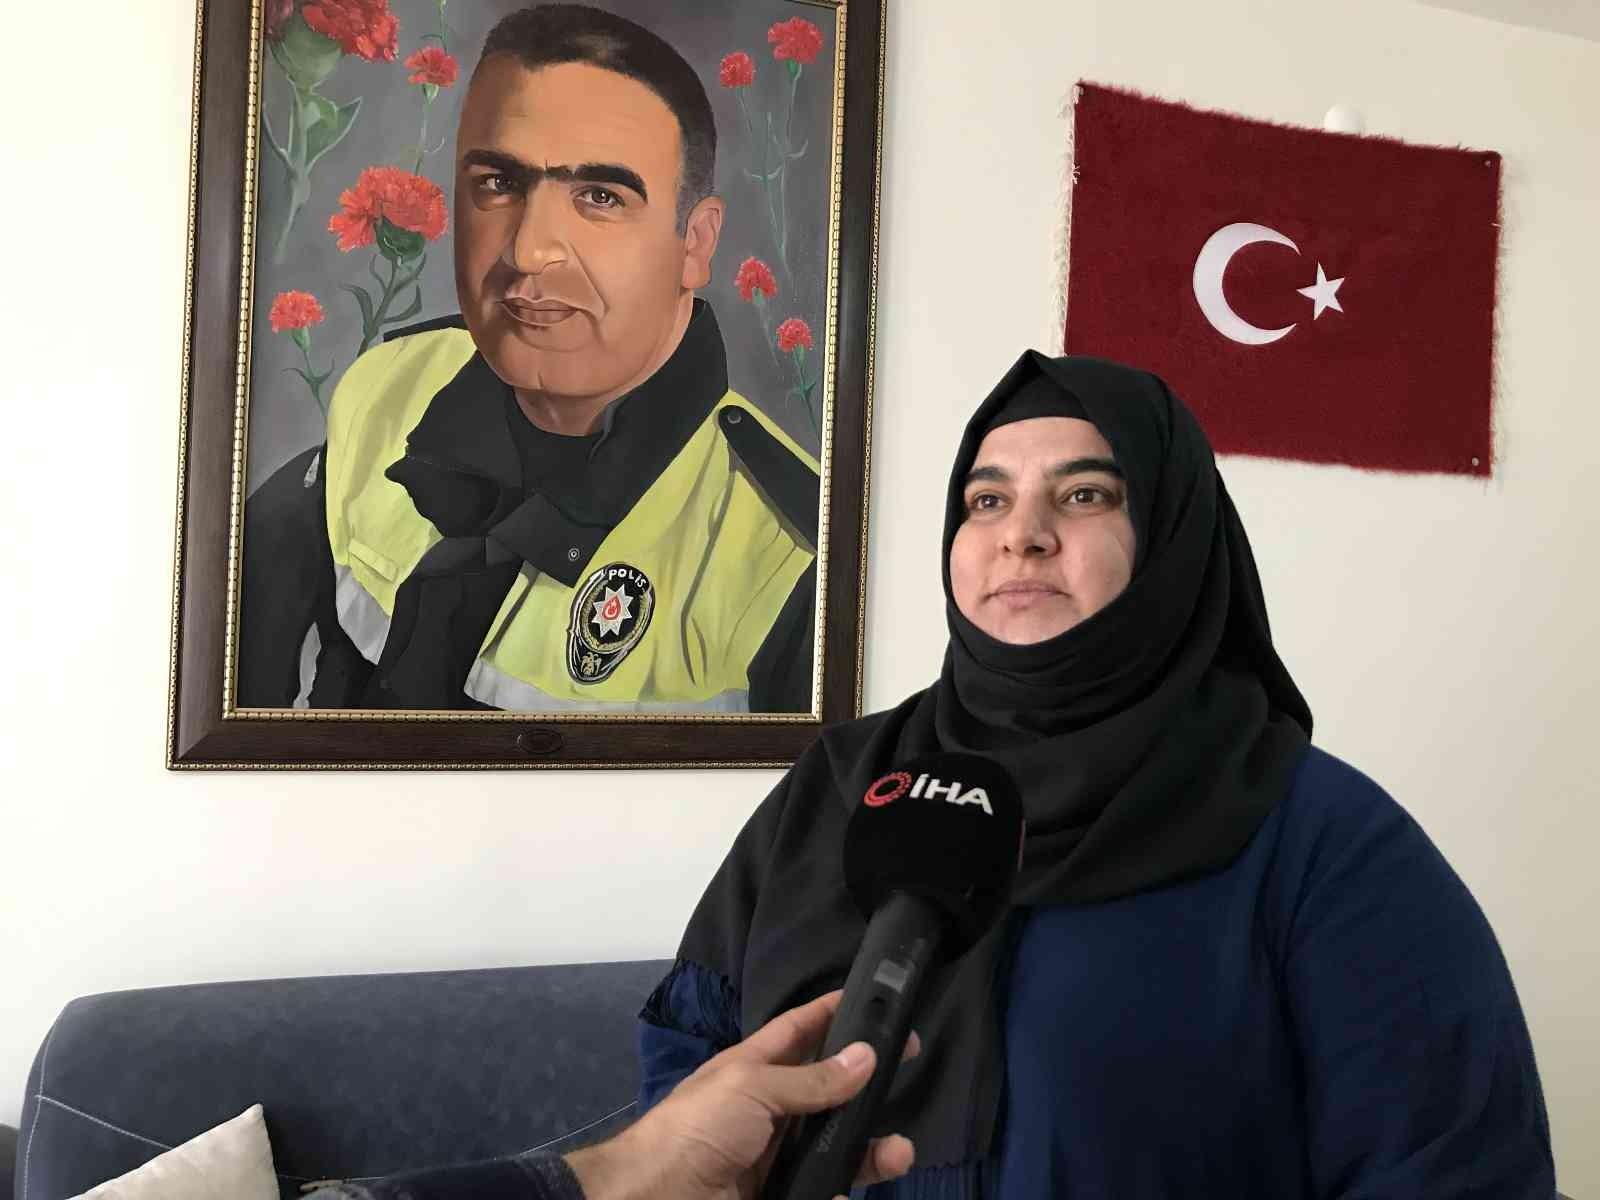 Fethi Sekin'in şehit olduğu saldırıda kullanılan bomba ve mühimmatları  temin eden terörist yakalandı - Elazığ Haberleri